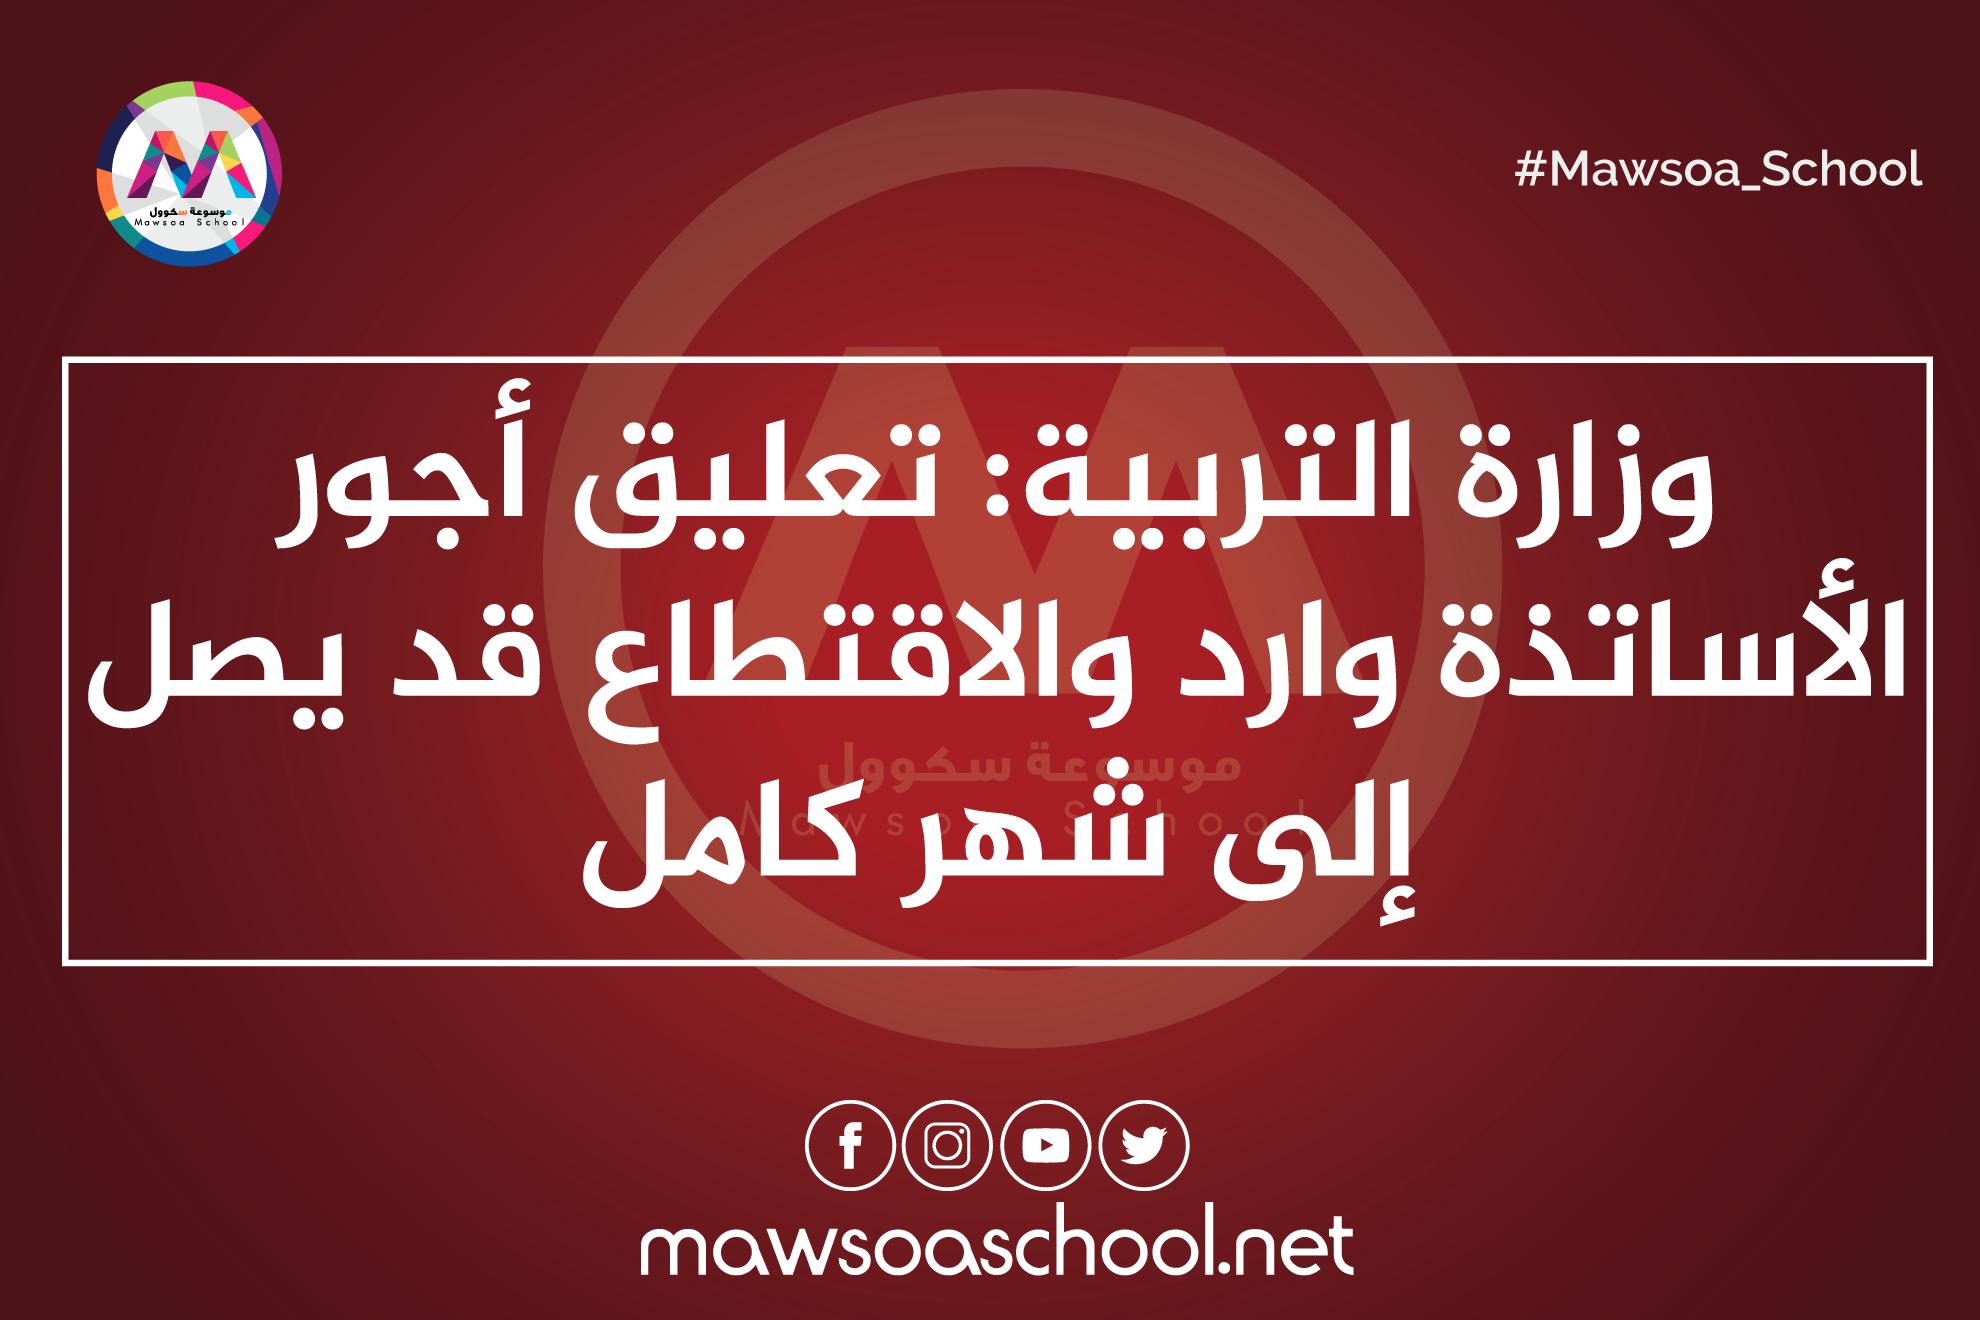 وزارة التربية: تعليق أجور الأساتذة وارد والاقتطاع قد يصل إلى شهر كامل